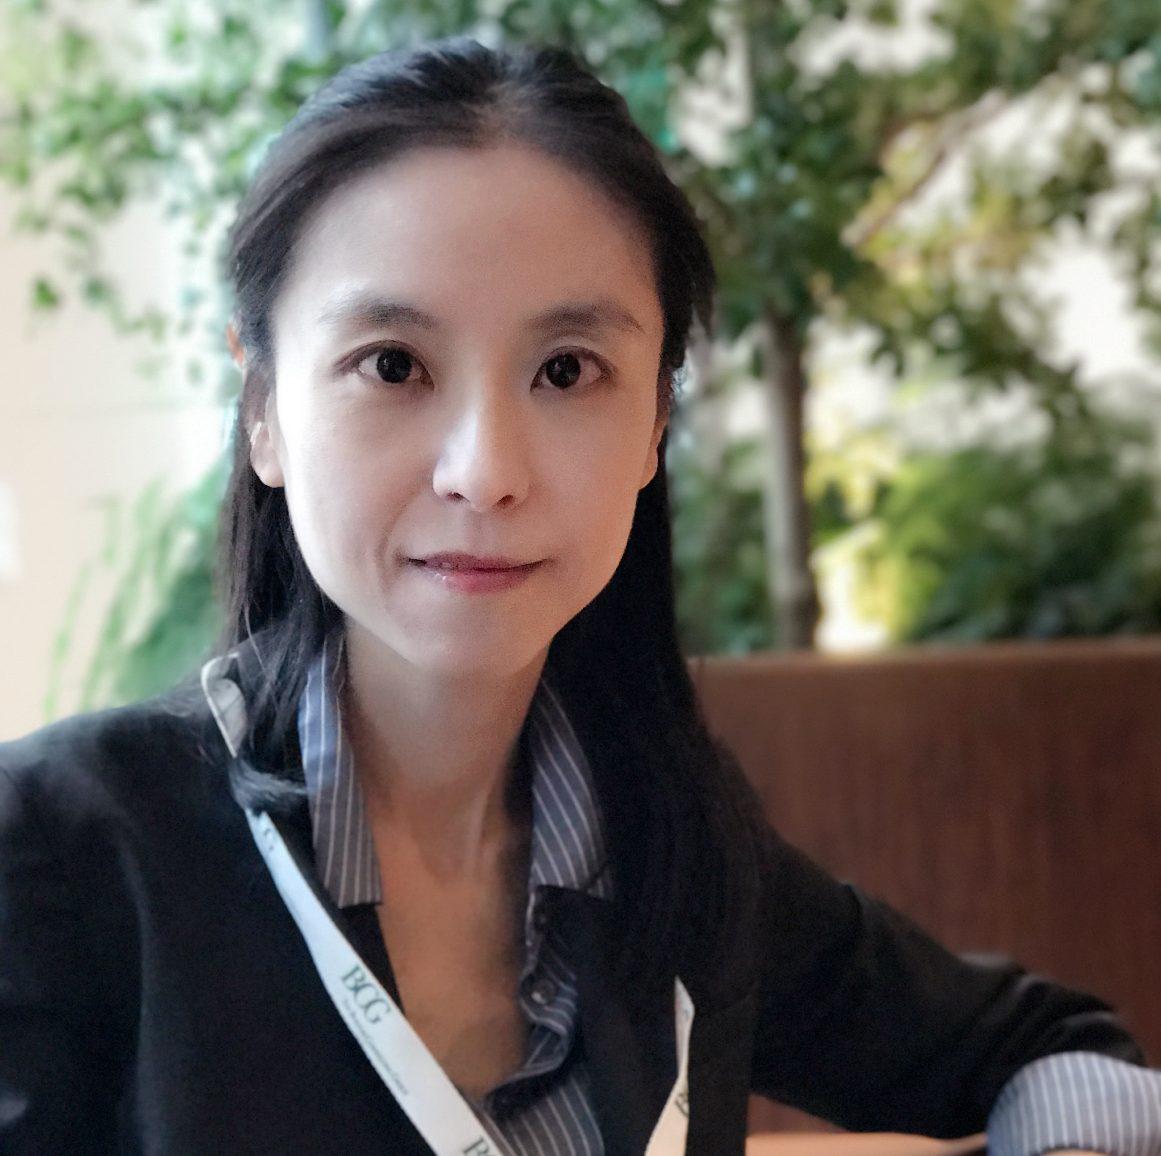 Dany Qian